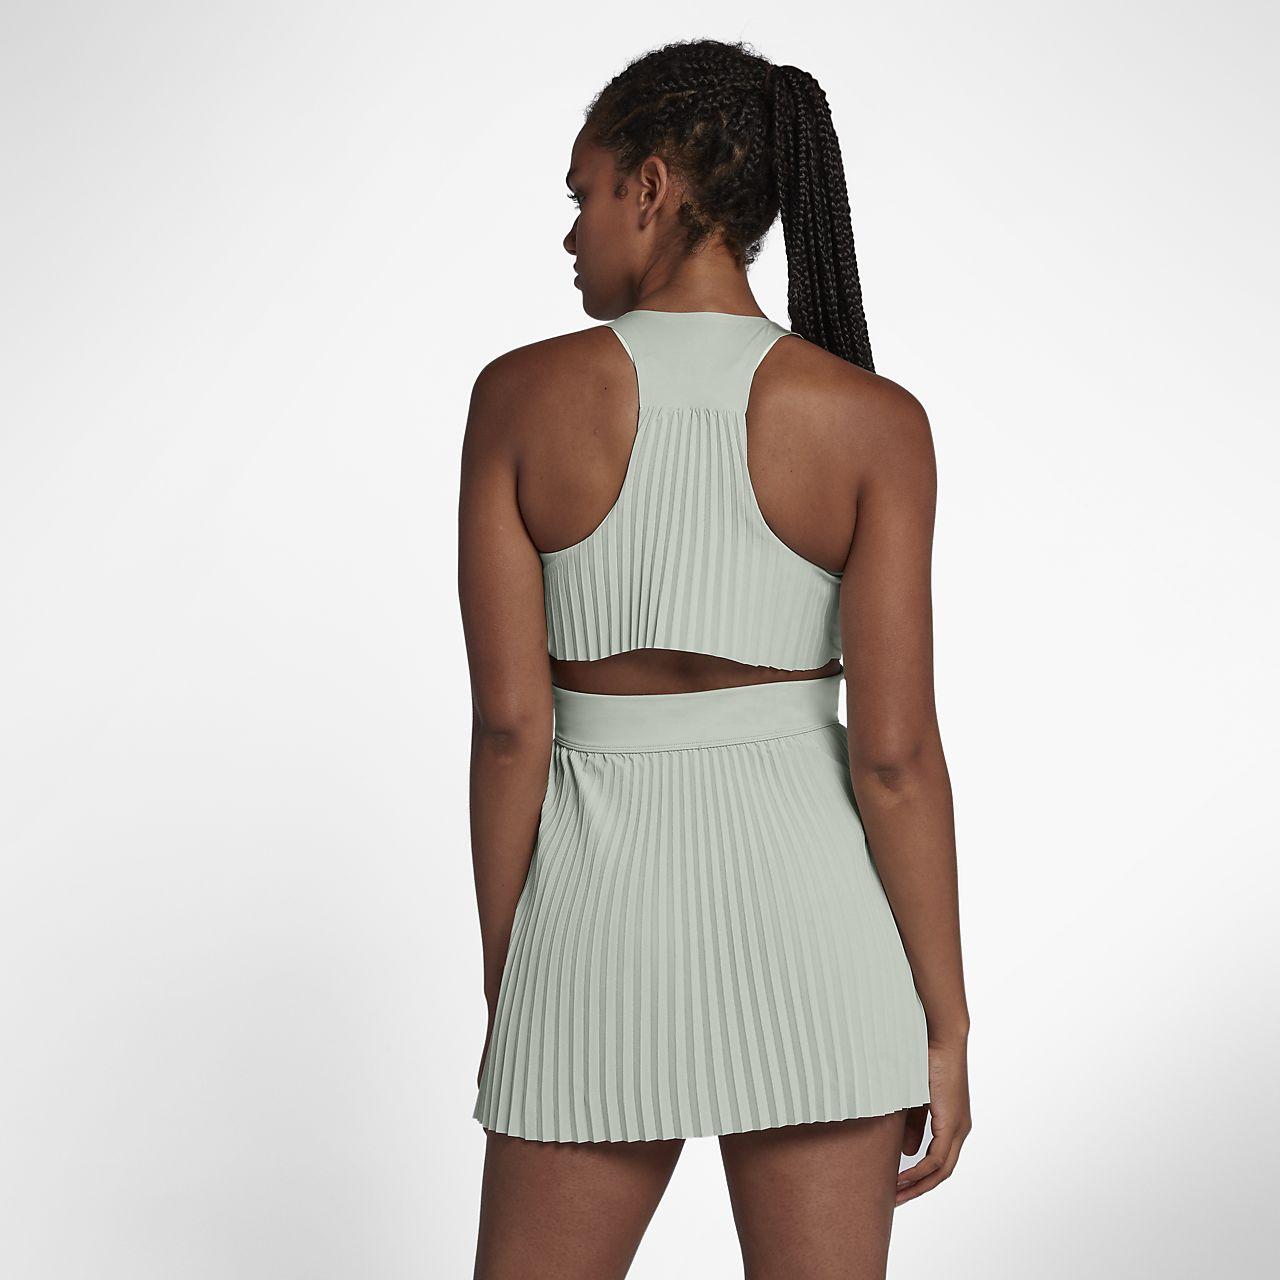 Vestidos de tenis para mujer